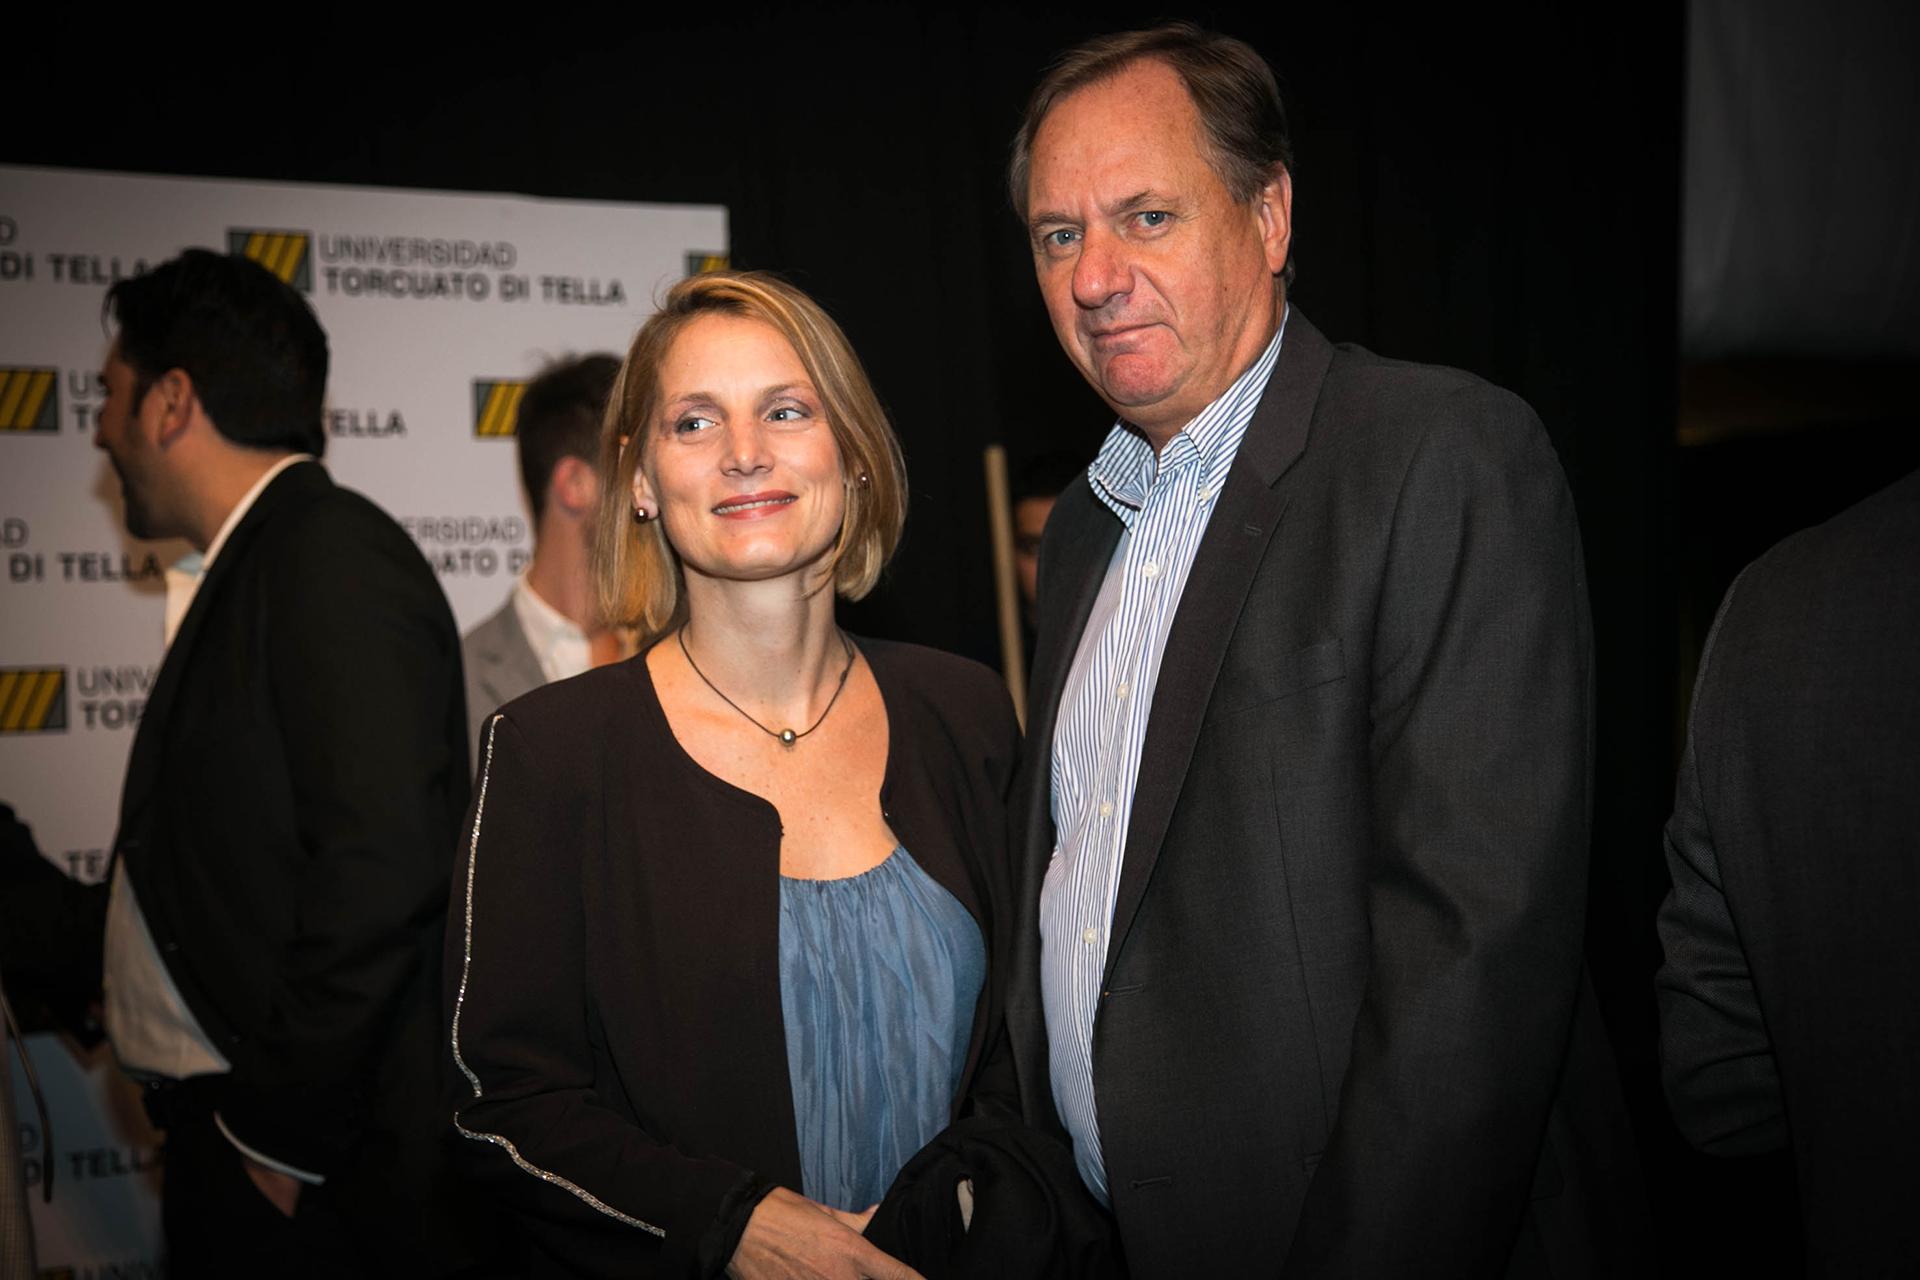 El secretario del Consejo de Direccion de la UTDT, Pablo Guidotti junto a su esposa